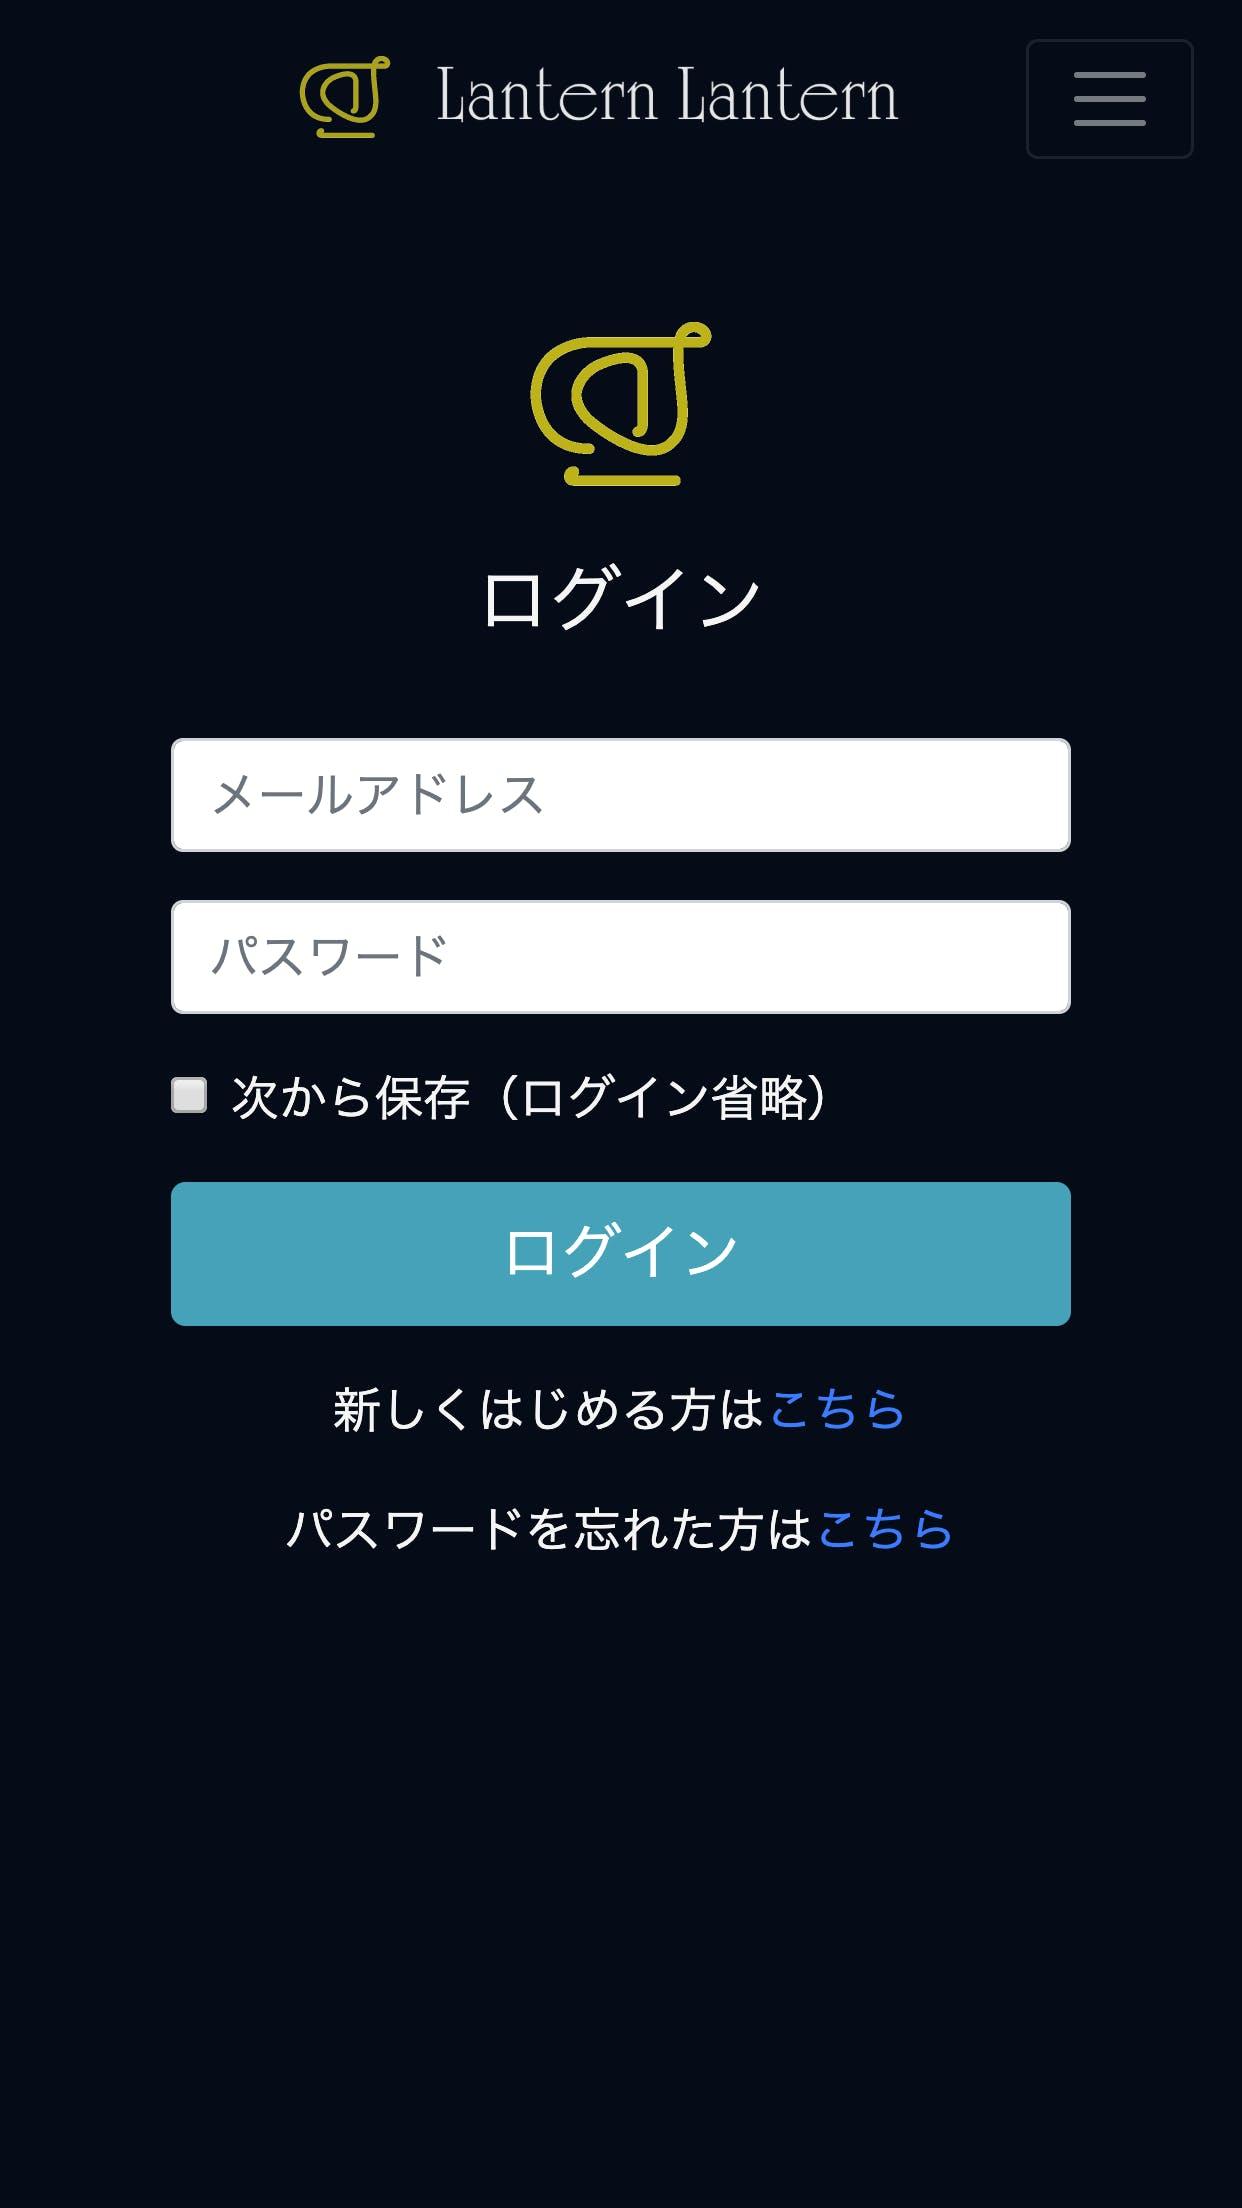 lantern_lantern_login_with_reset_password.png